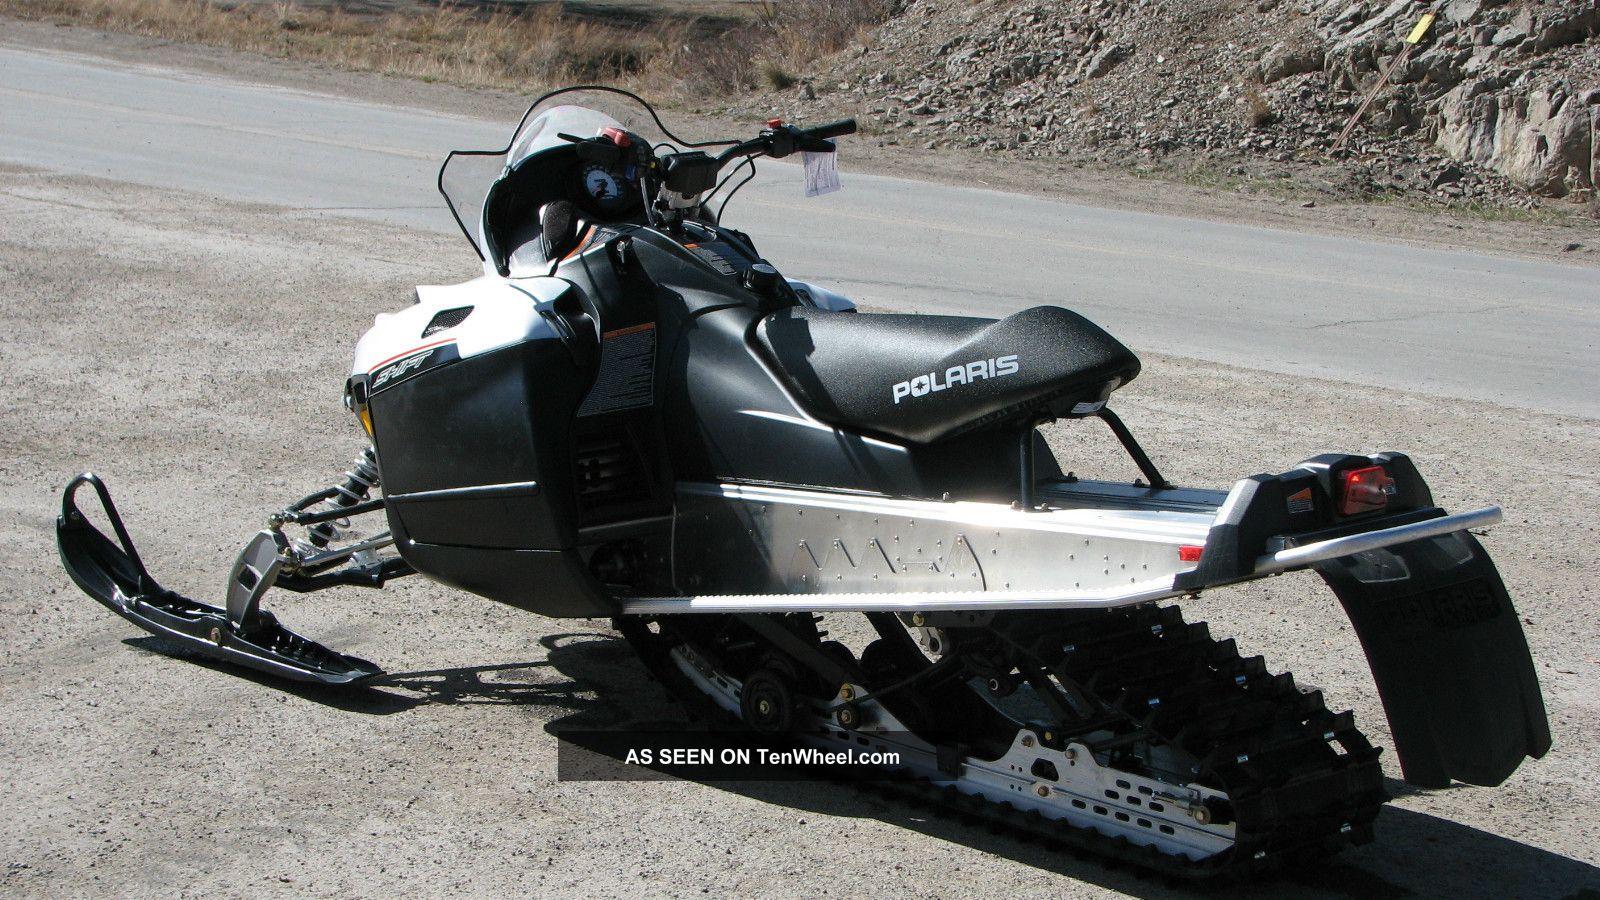 Bmw Of Mountain View >> 2012 Polaris 550 Shift 136